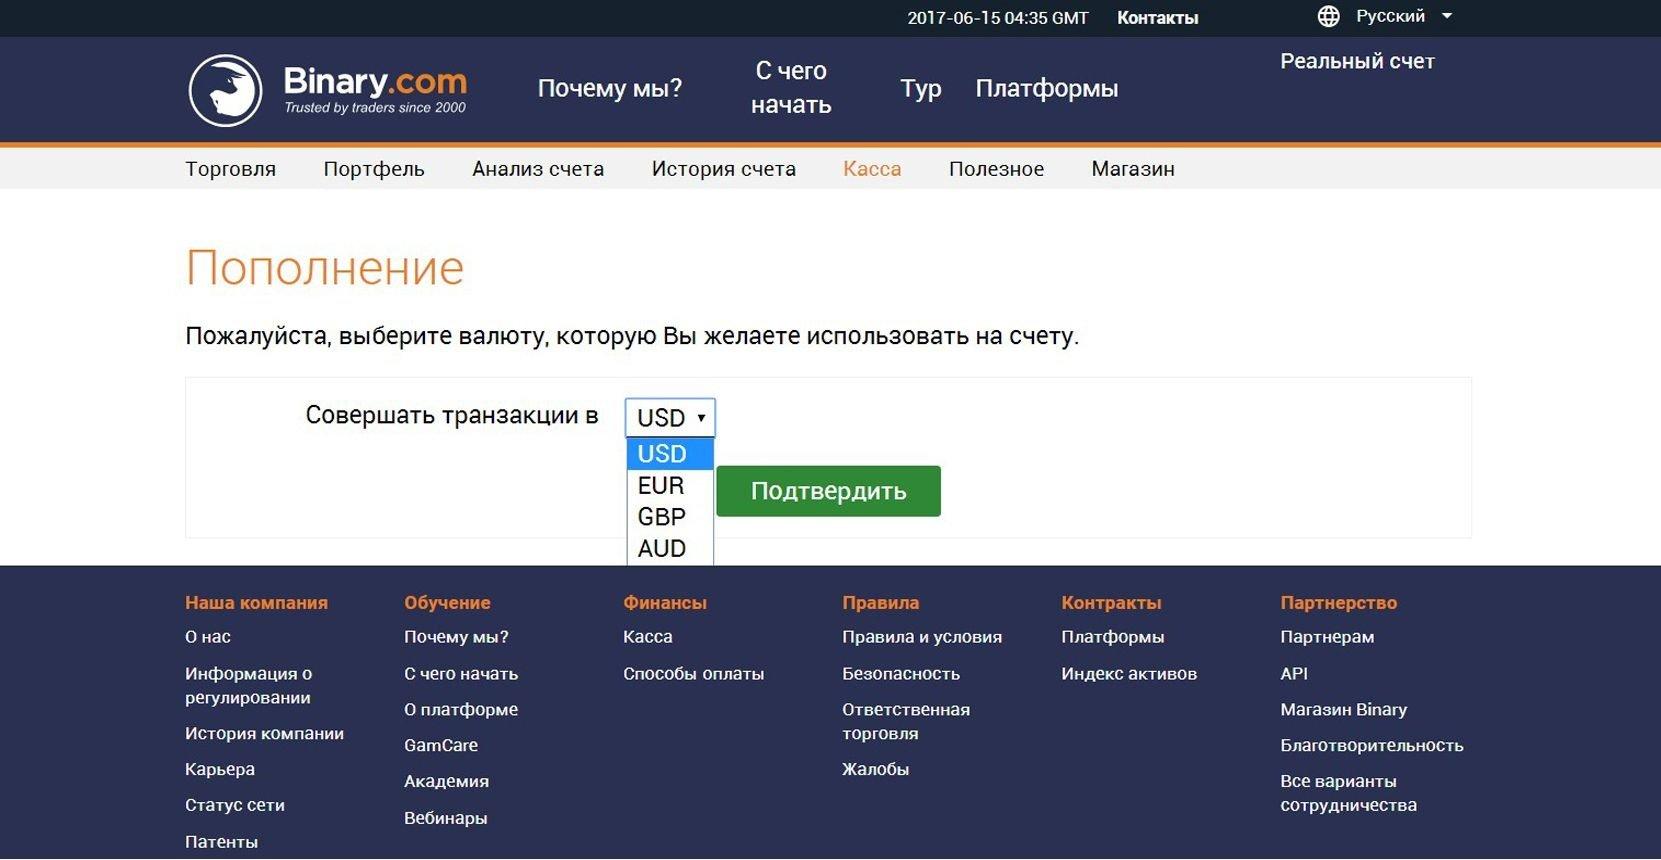 На странице «Пополнение» необходимо выбрать валюту счета из вариантов